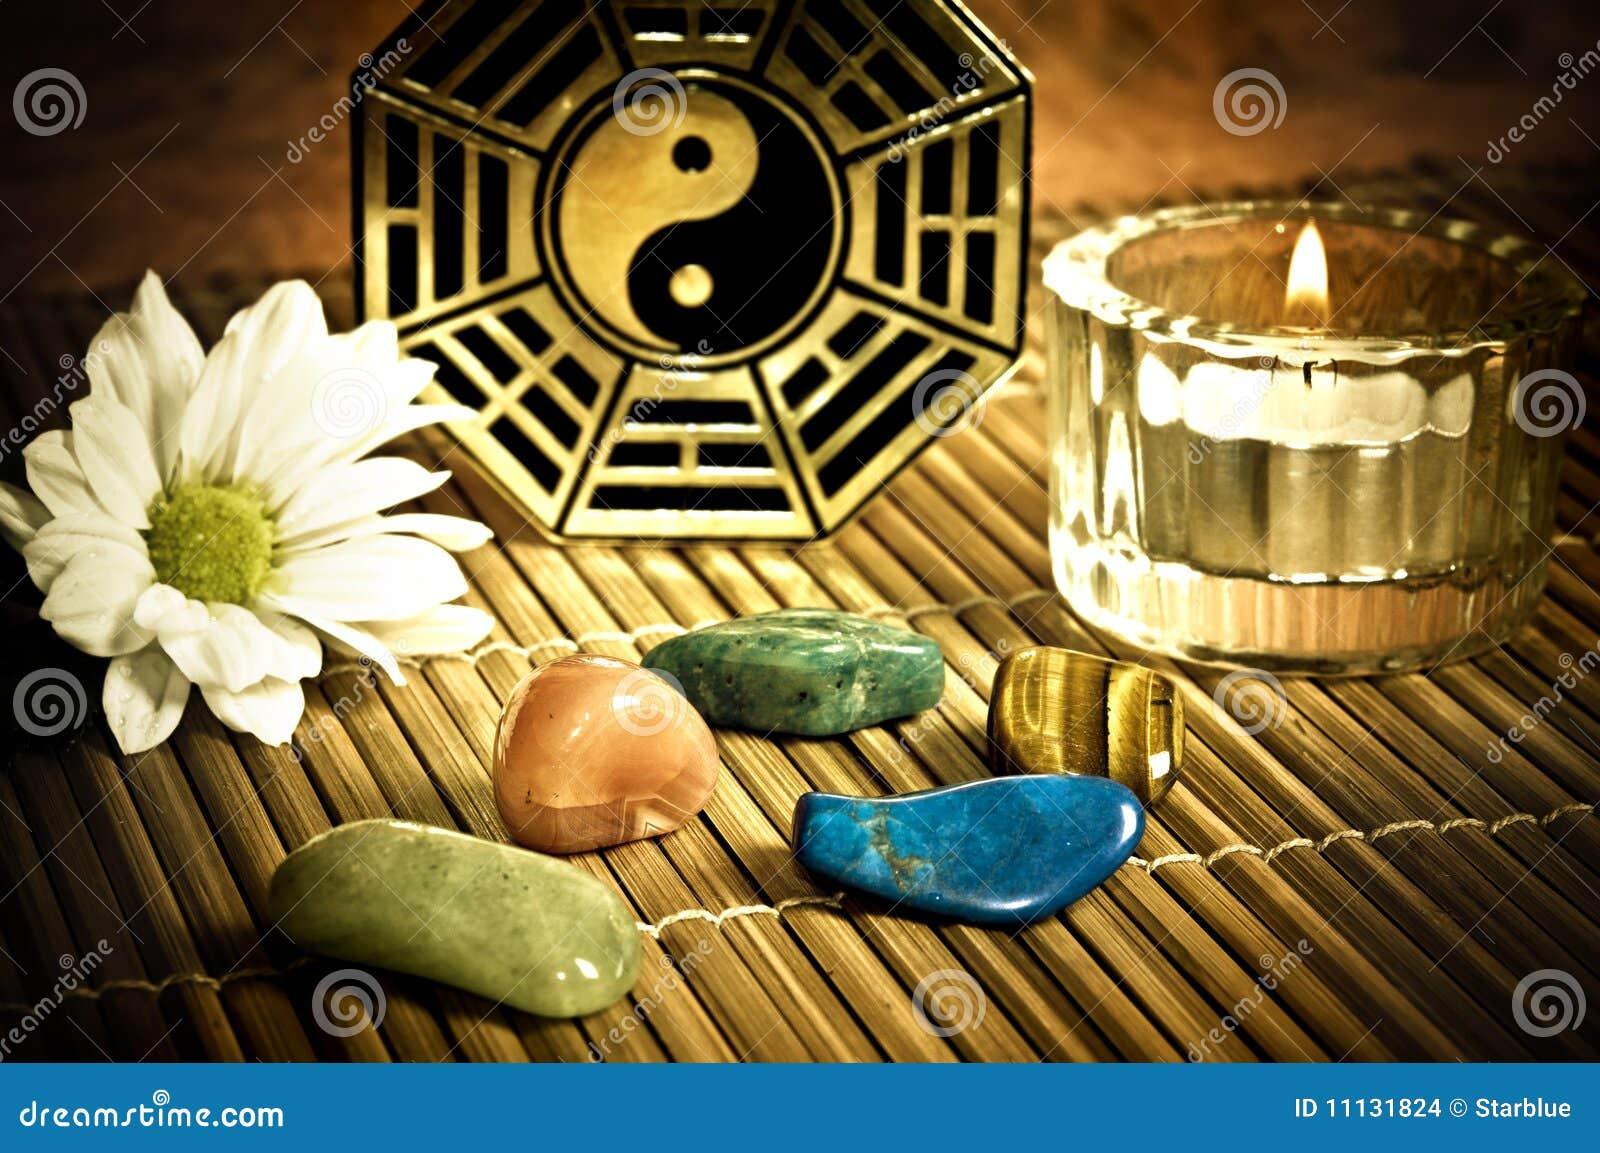 Healing Yin yang